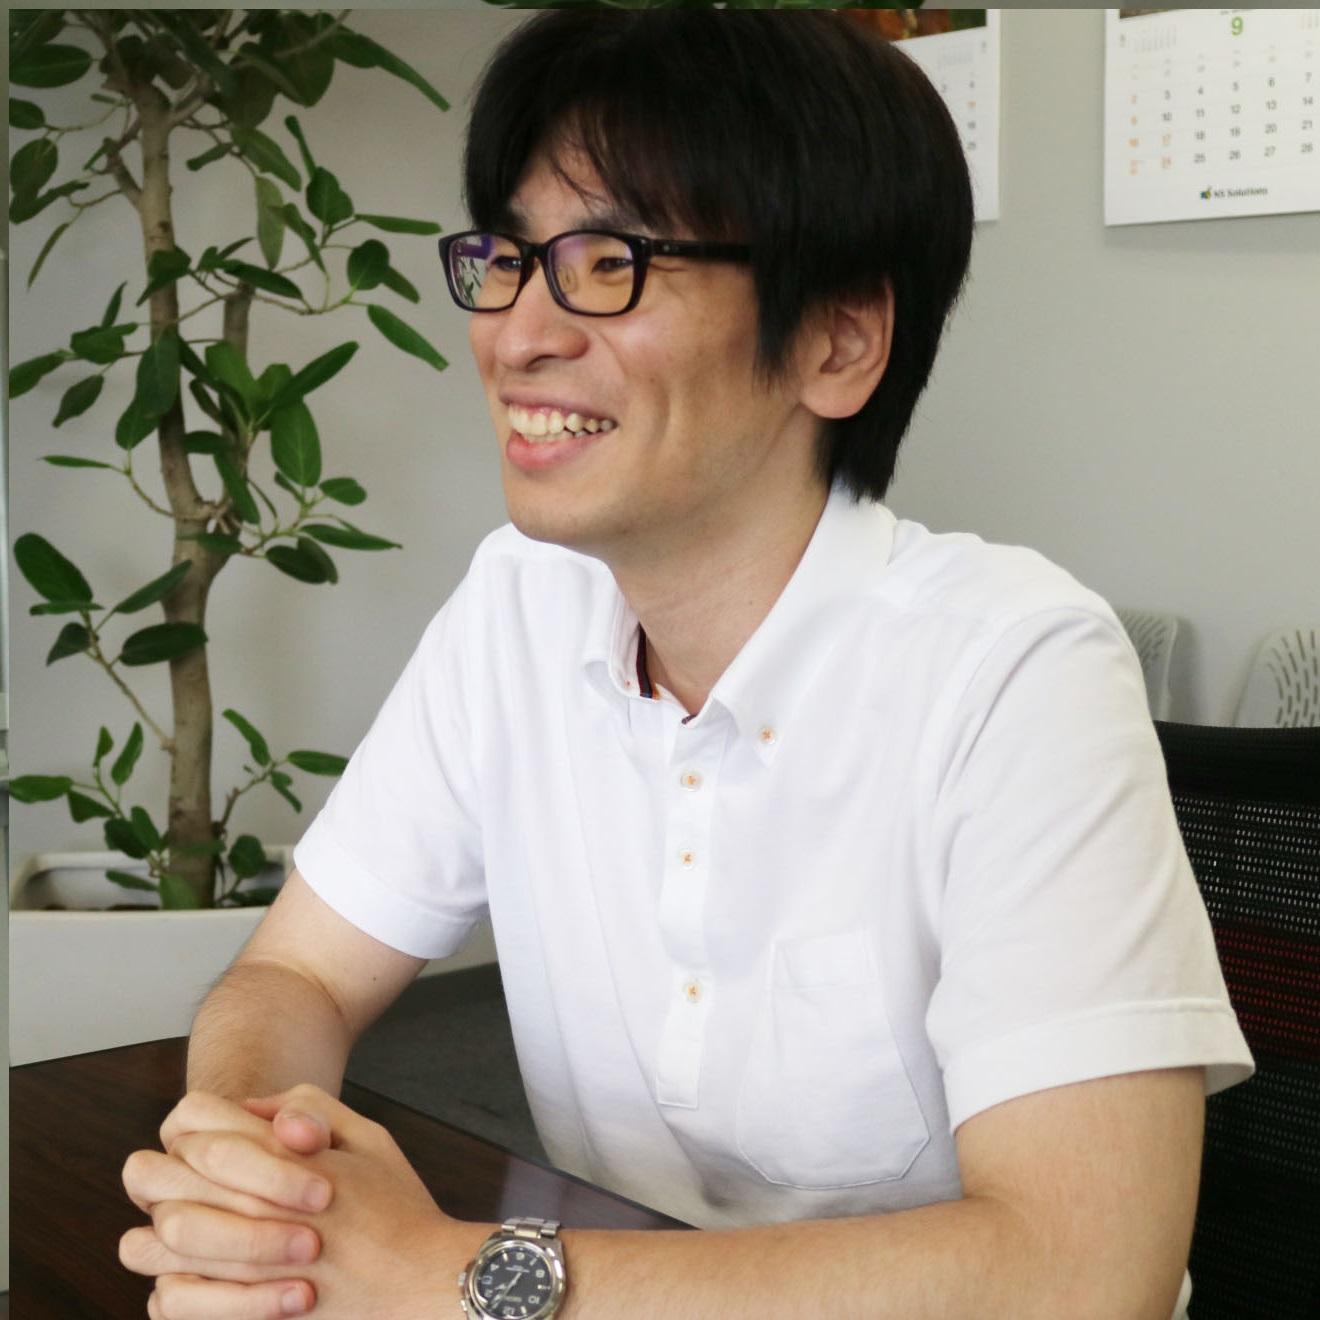 渡辺 哲朗 - Tetsuro Watanabe